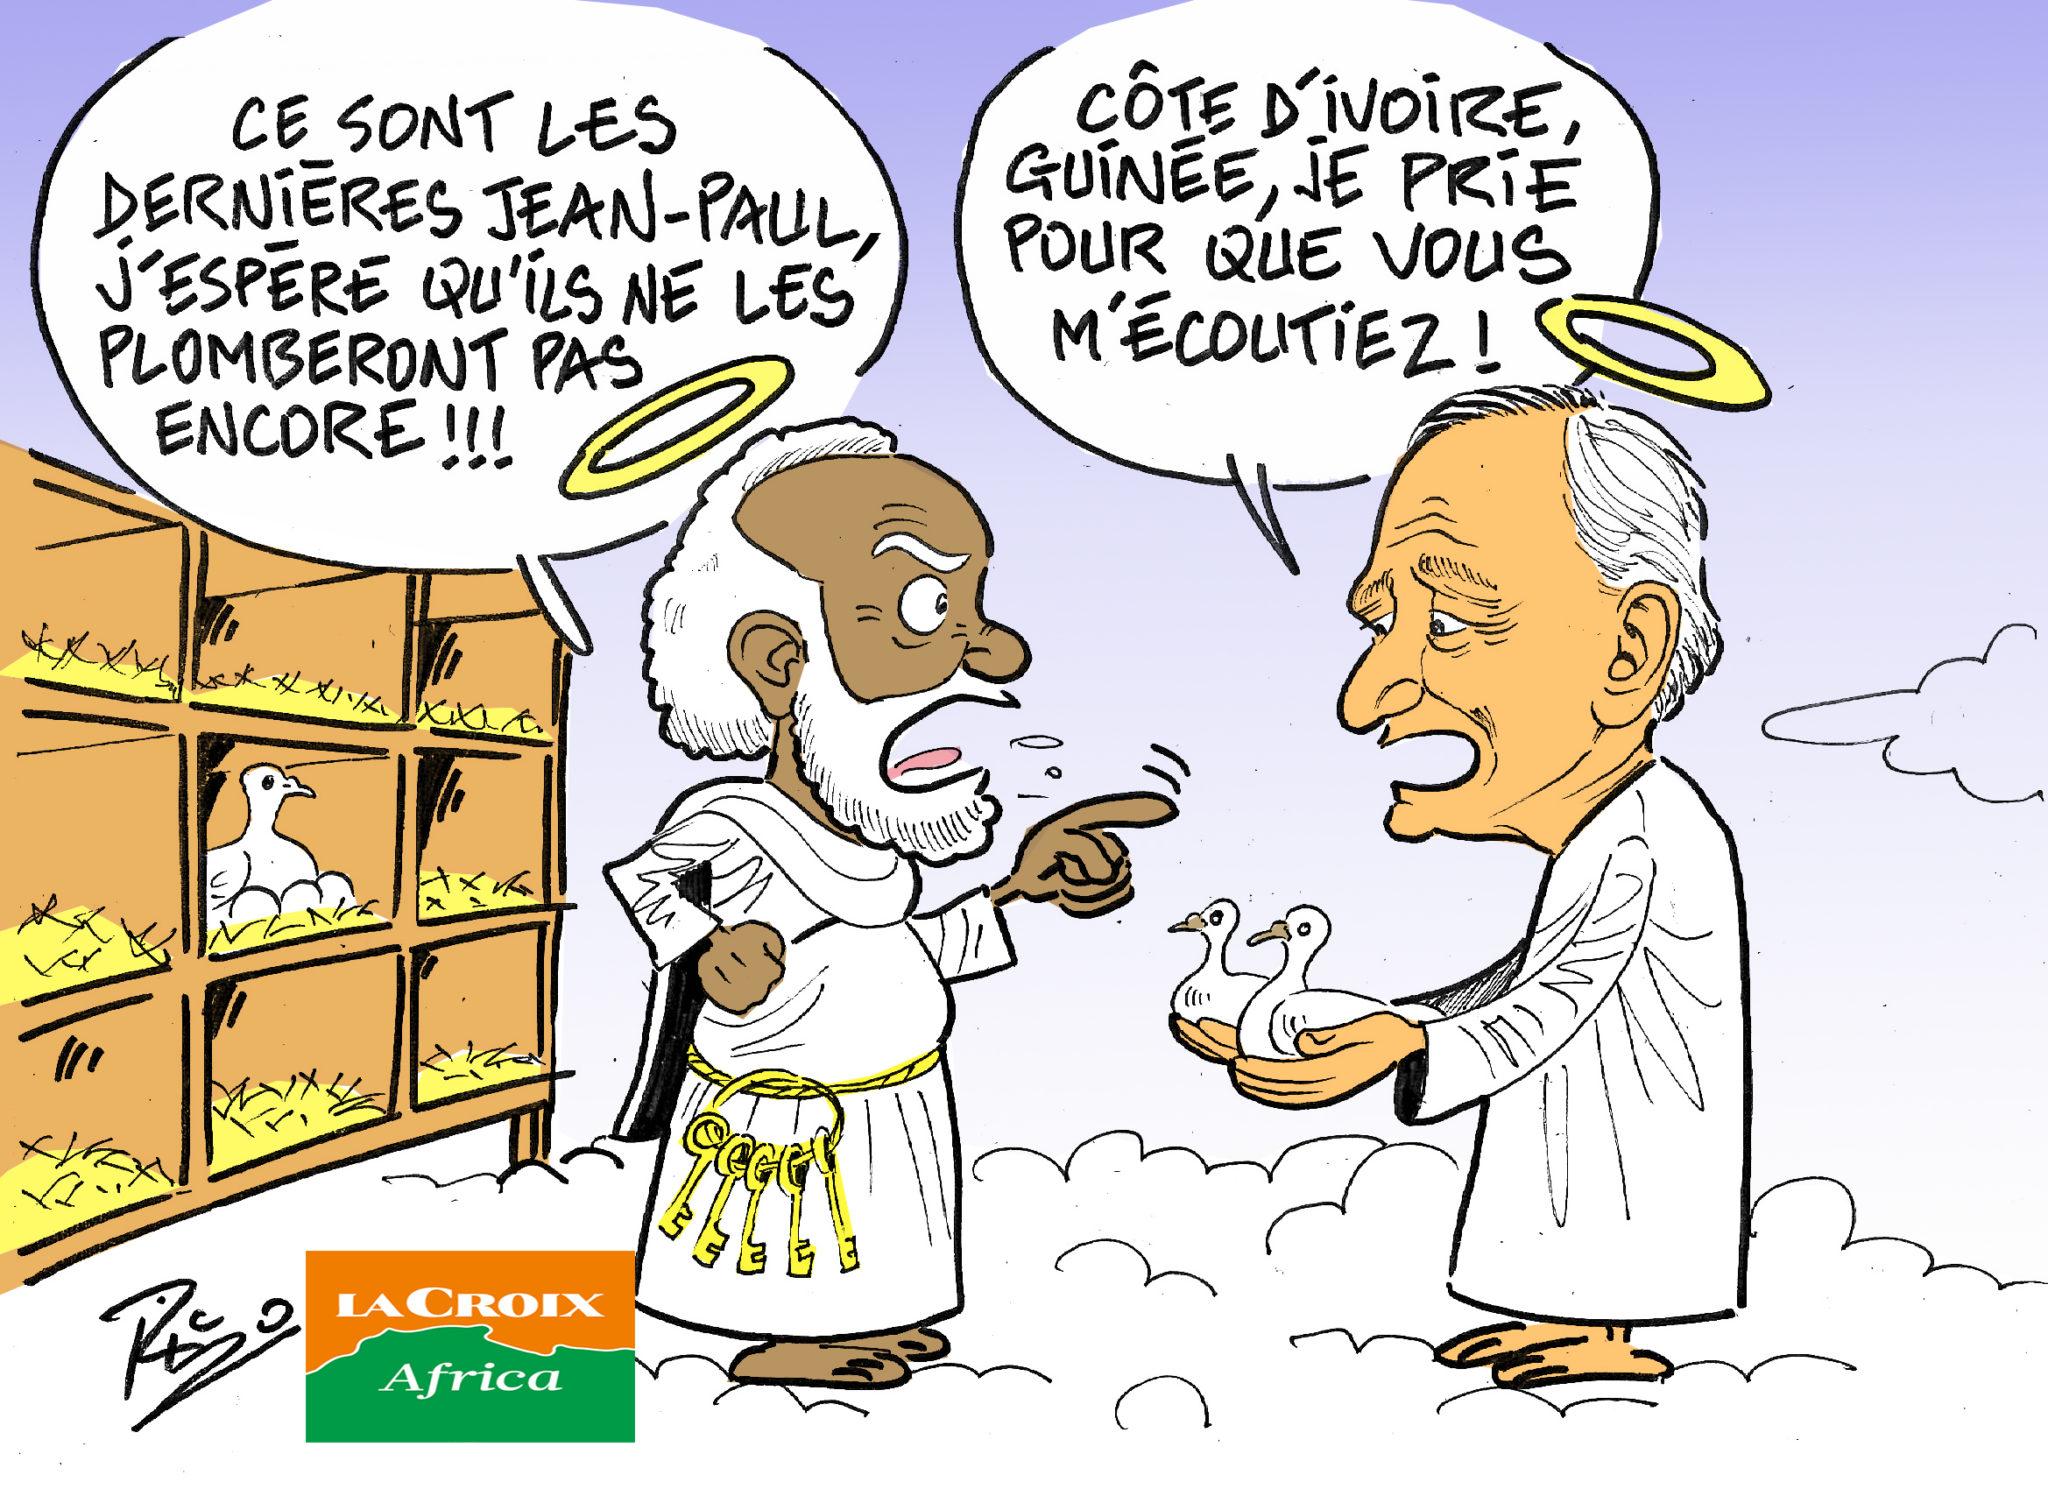 L'œil de Ric: Côte d'Ivoire et Guinée: et si la paix était encore possible? Le plaidoyer de Jean-Paul II